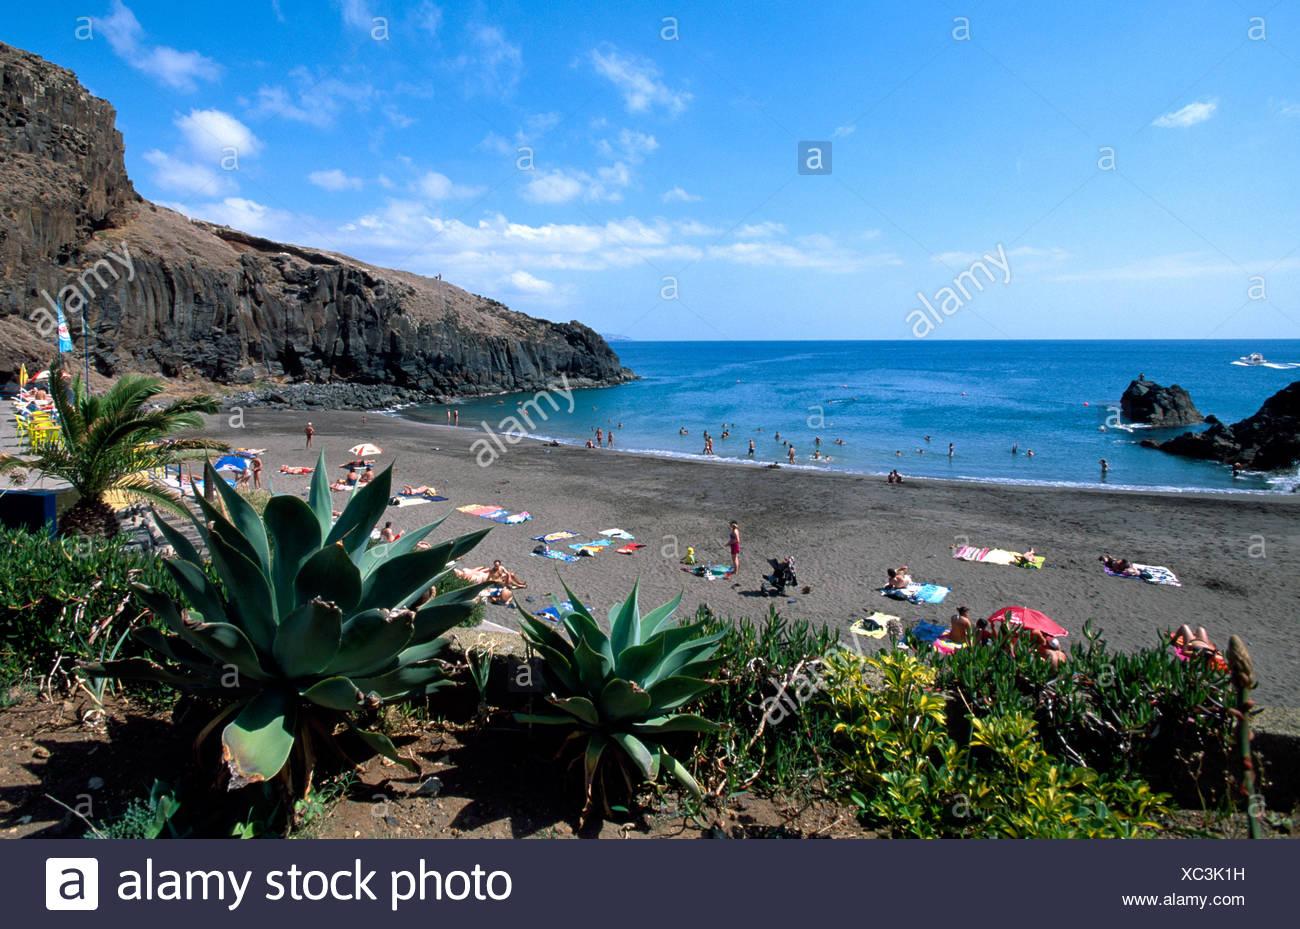 Prainha Beach, Ponta de Sao Lourenco, Madeira, Portugal, Europe - Stock Image